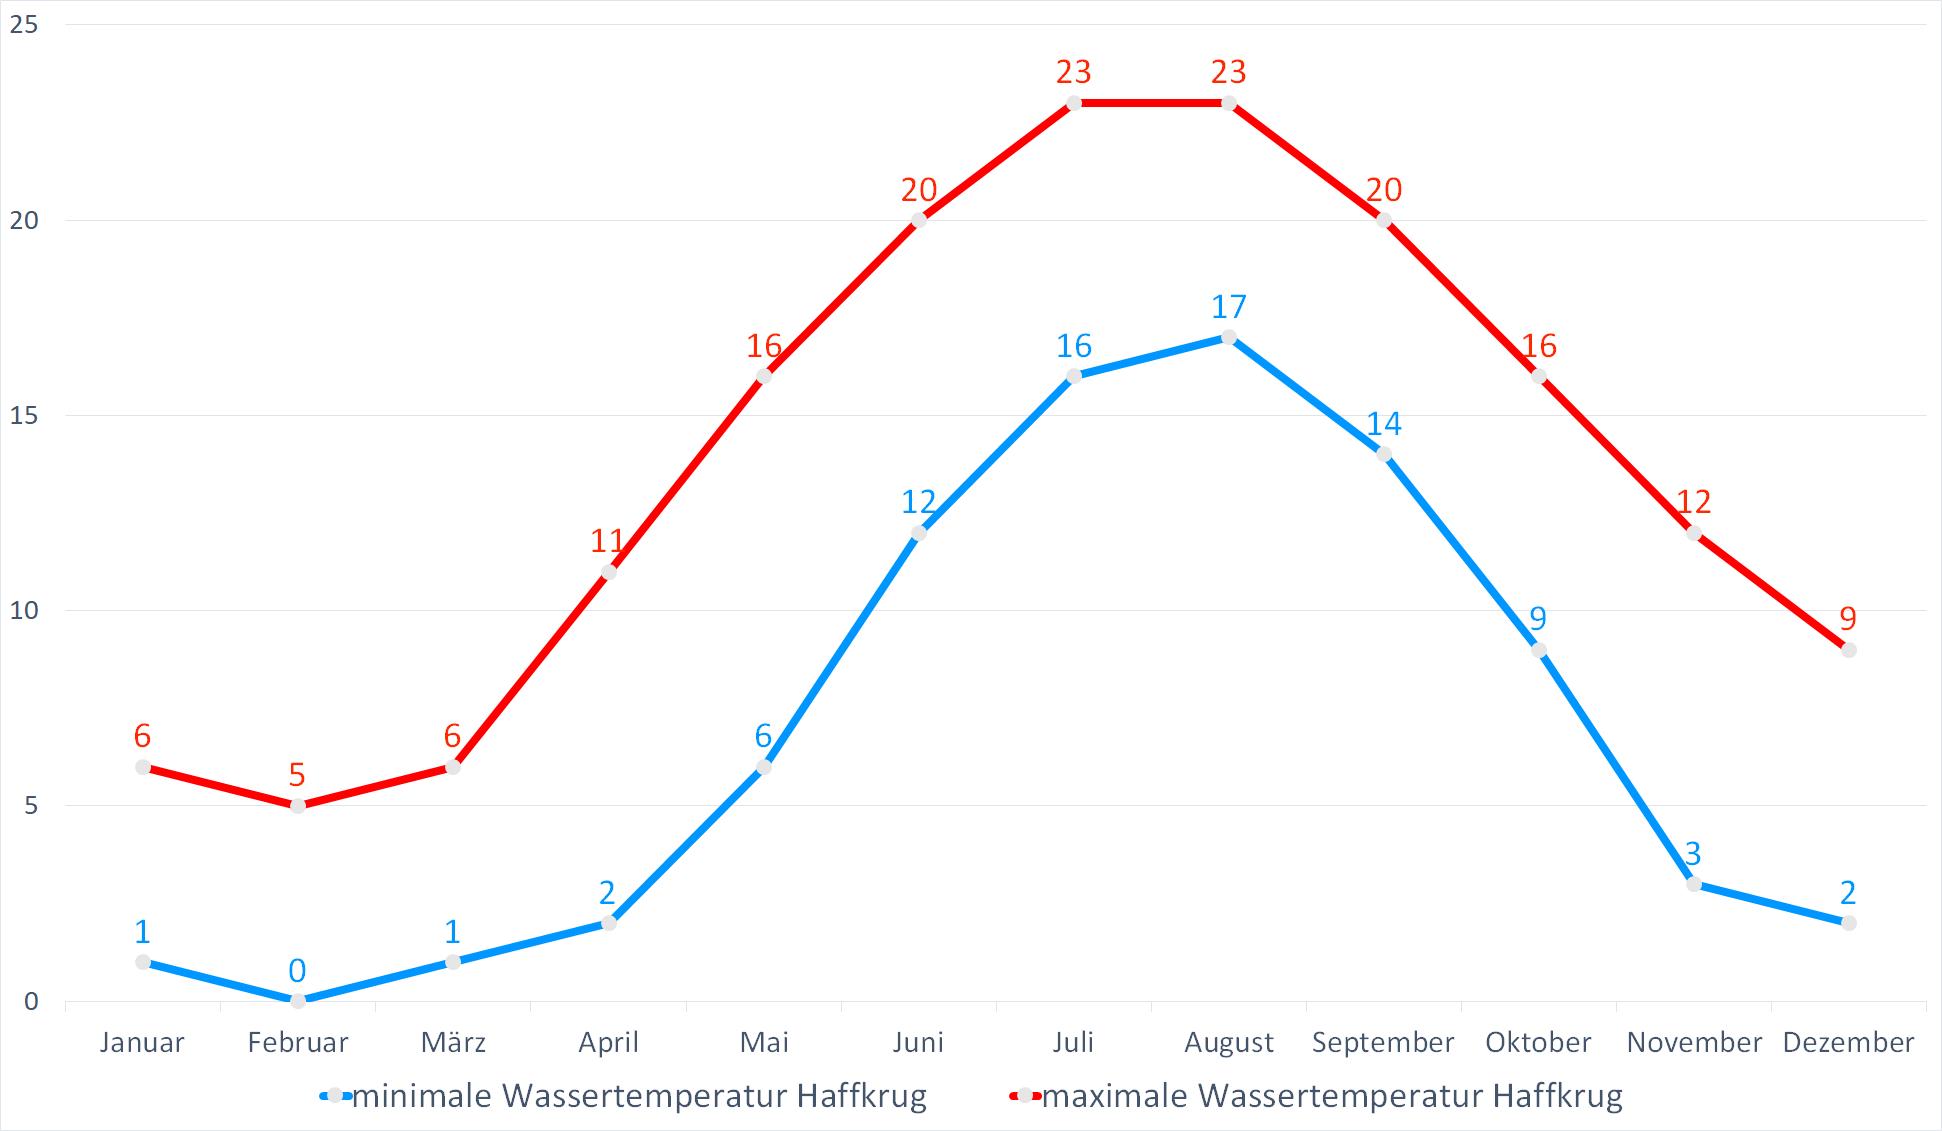 Minimale & Maximale Wassertemperaturen für Haffkrug im Jahresverlauf